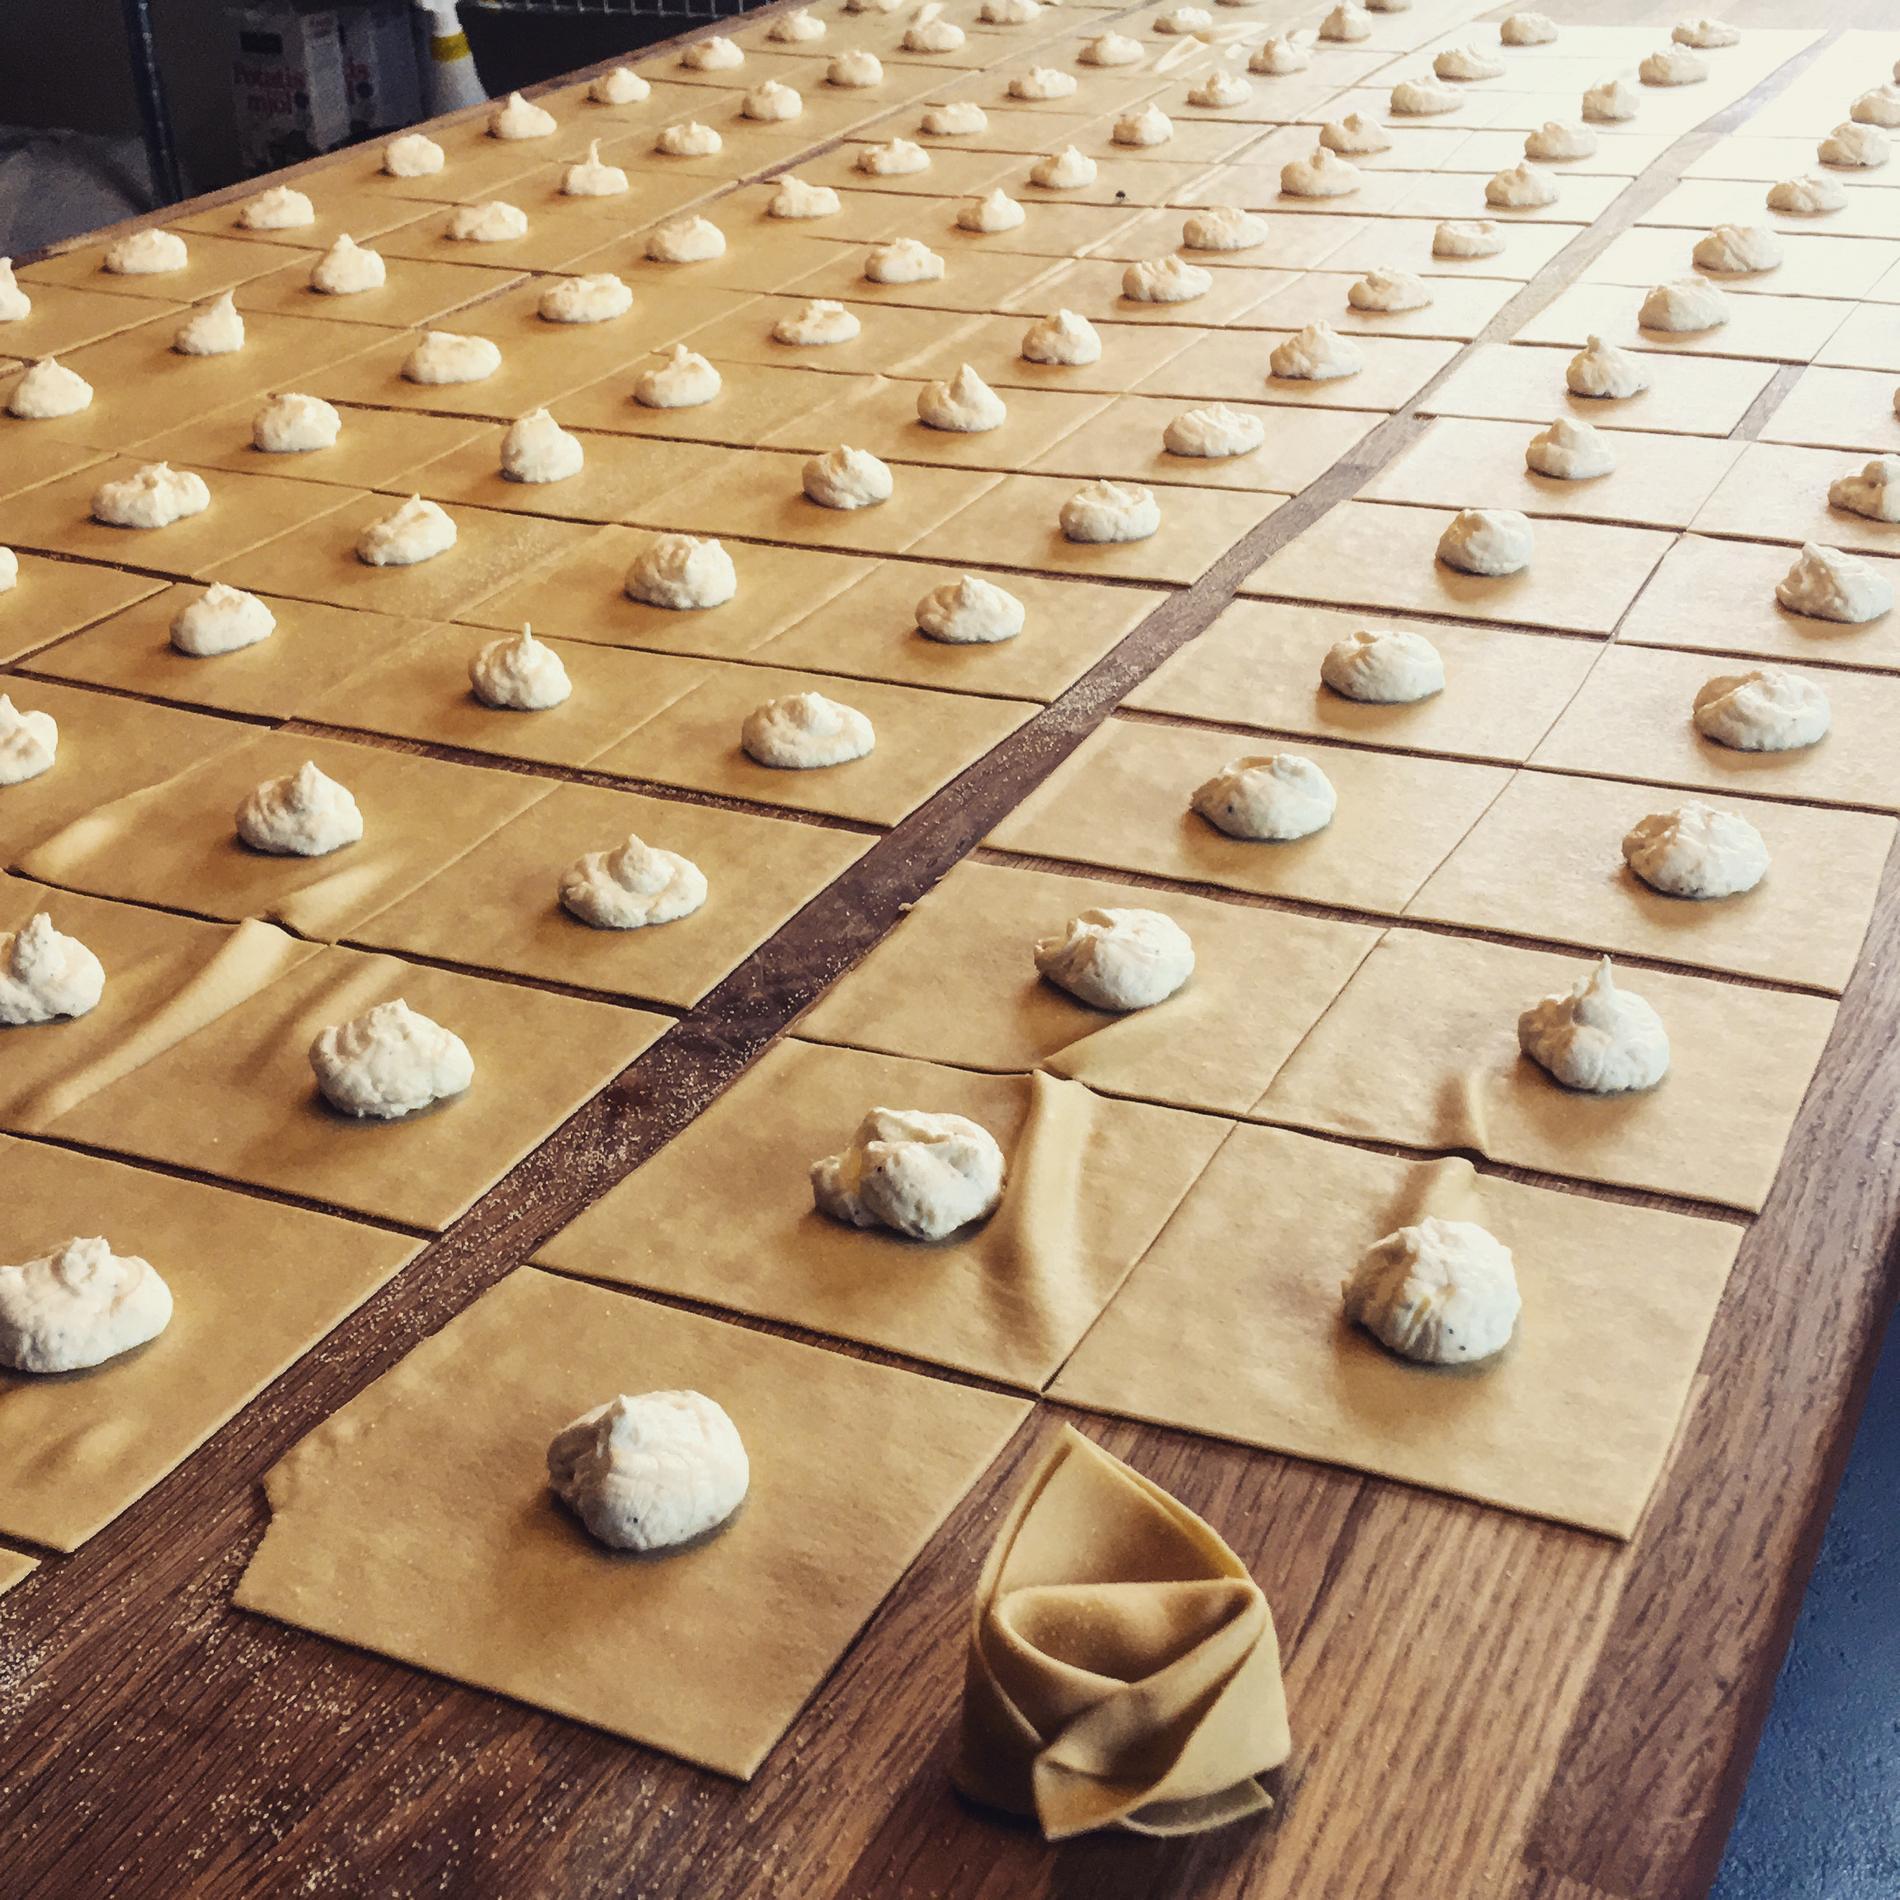 I den gamla verkstadslokalen görs den numera handknuten pasta.